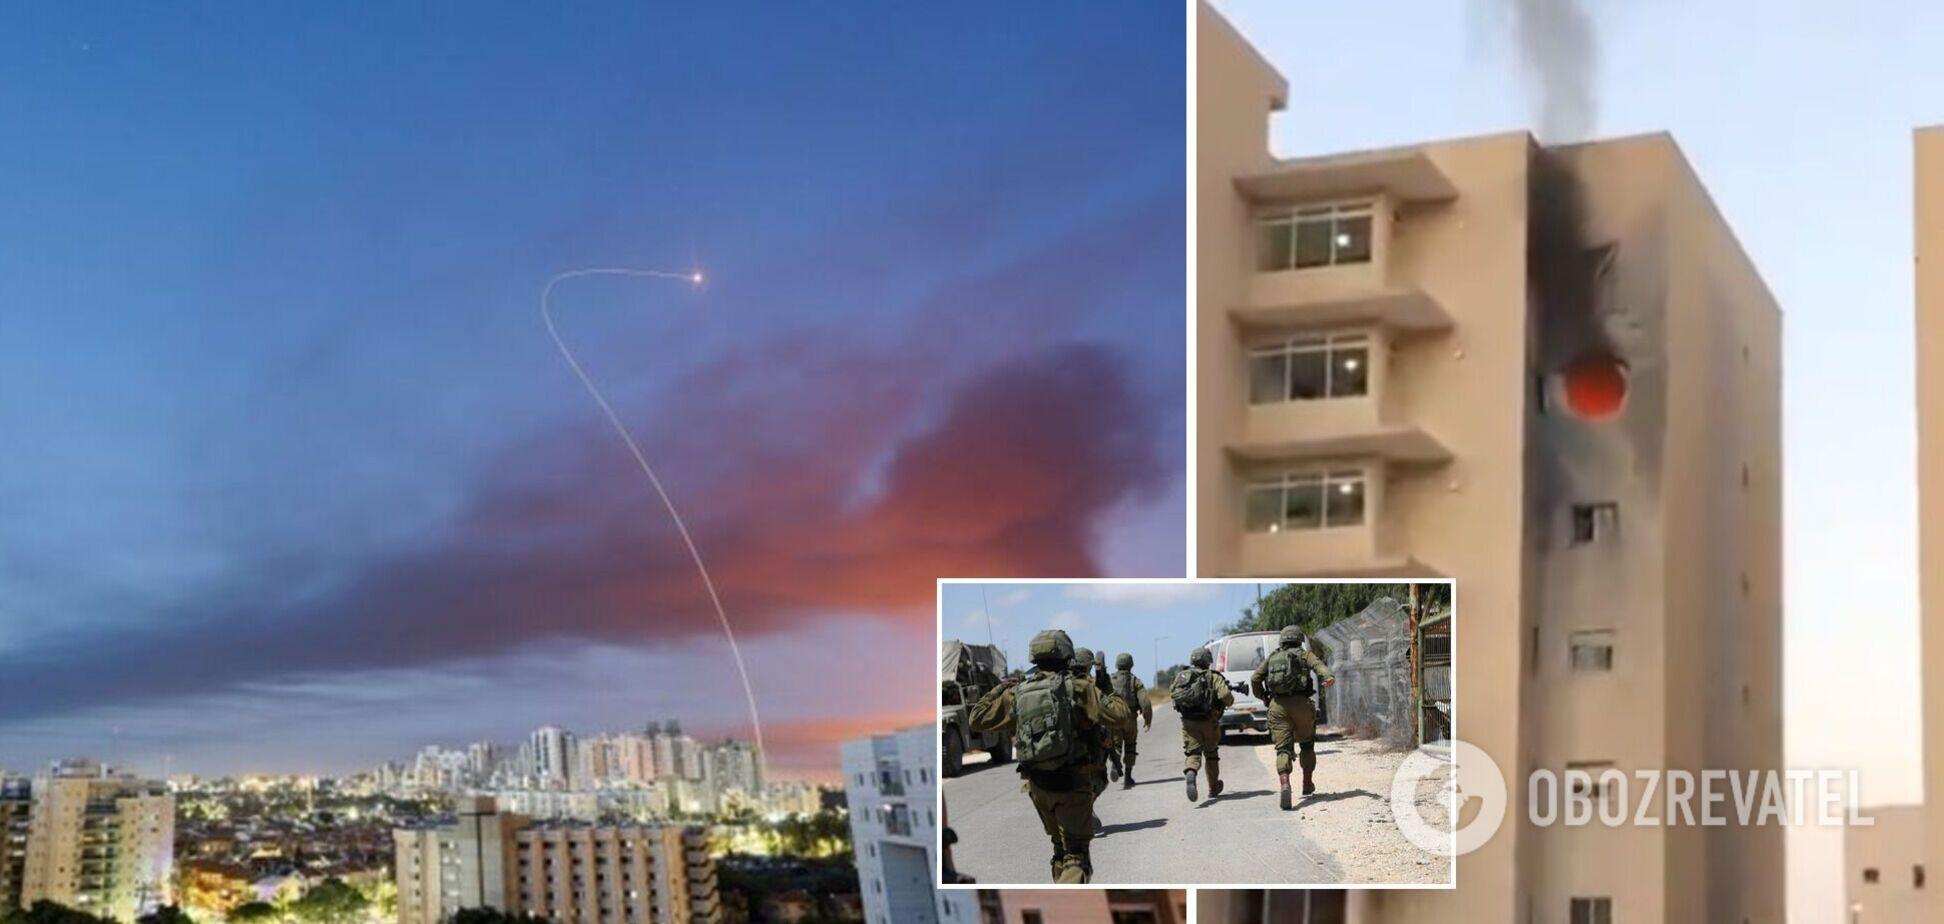 'Залізний купол' Ізраїлю не впорався з атакою 130 ракет: загинула дитина, є поранені. Відео